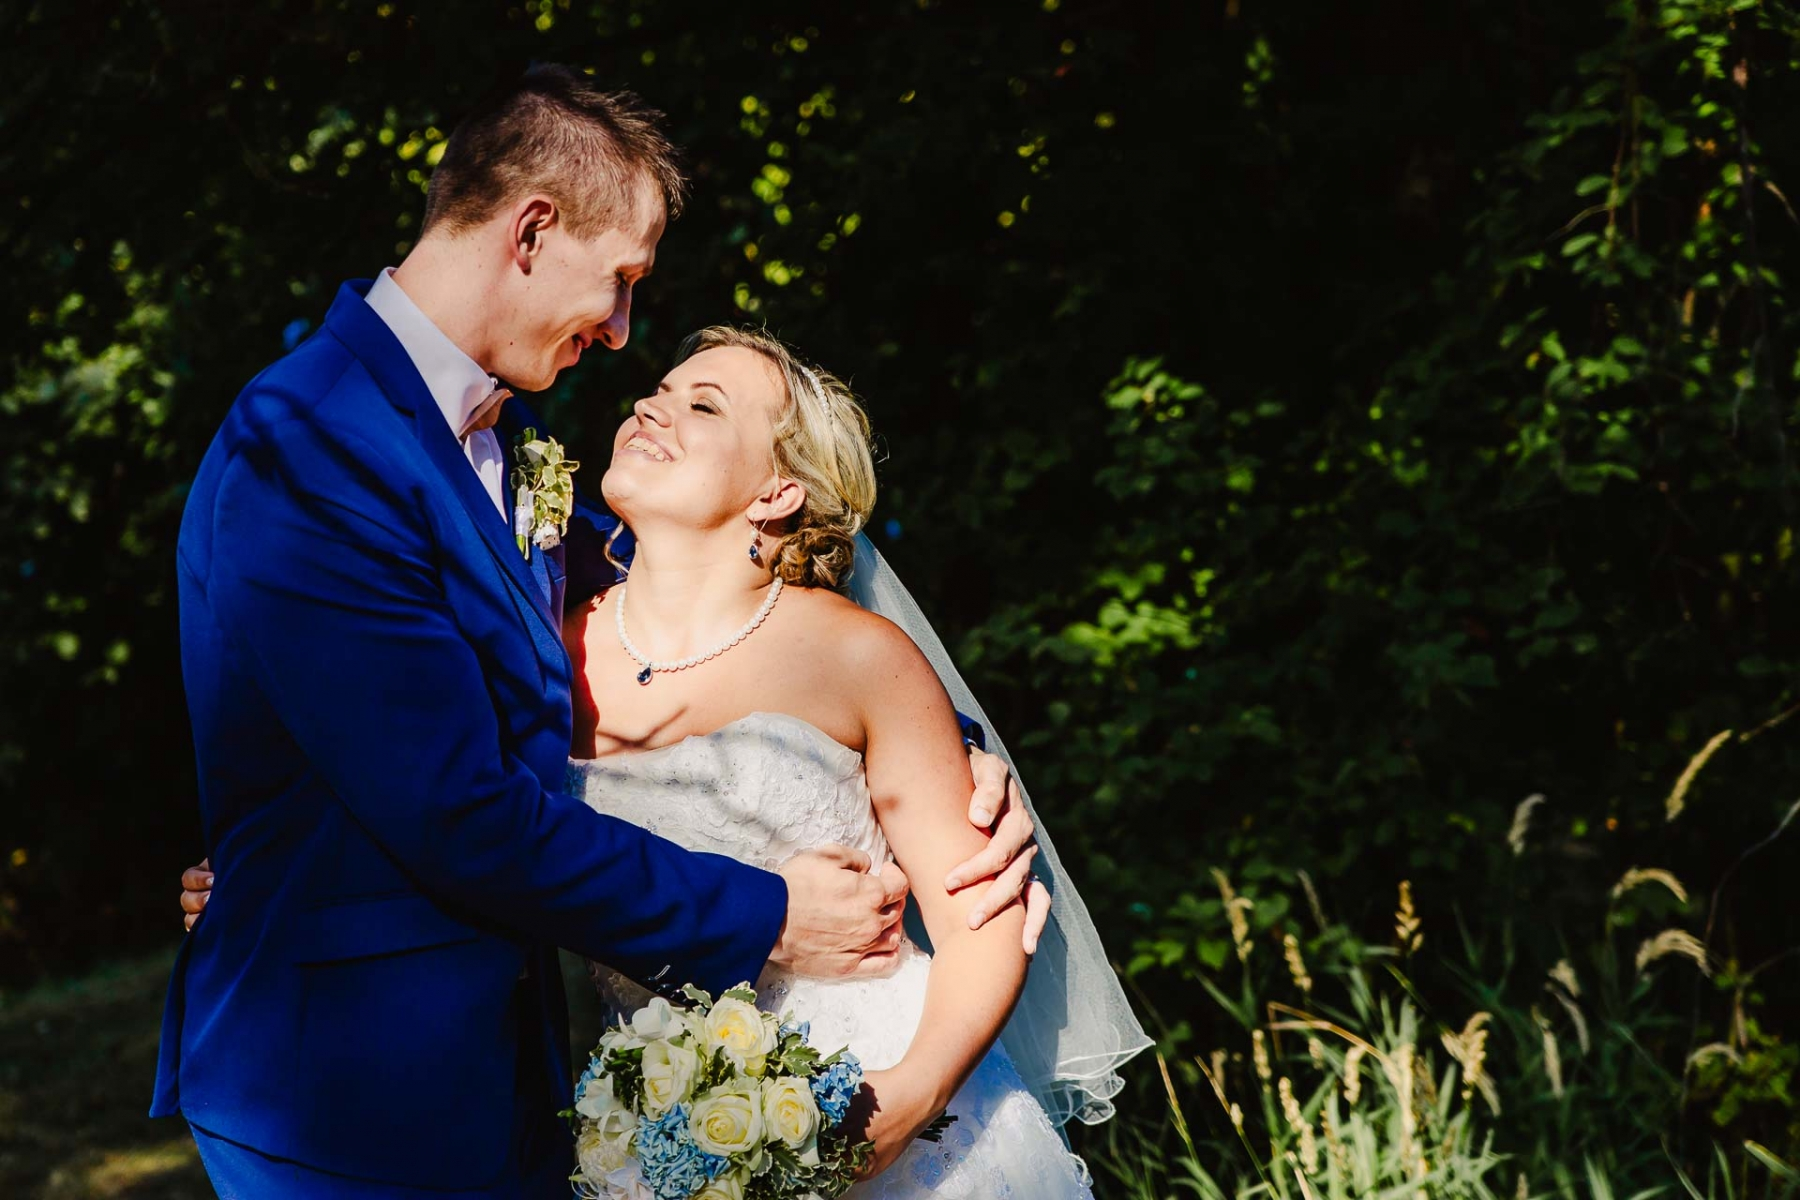 svatební fotograf zámek Mníšek pod Brdy, svatba na zámku, letní nejkrásnější zámecká svatba, Bára a Ondra-123